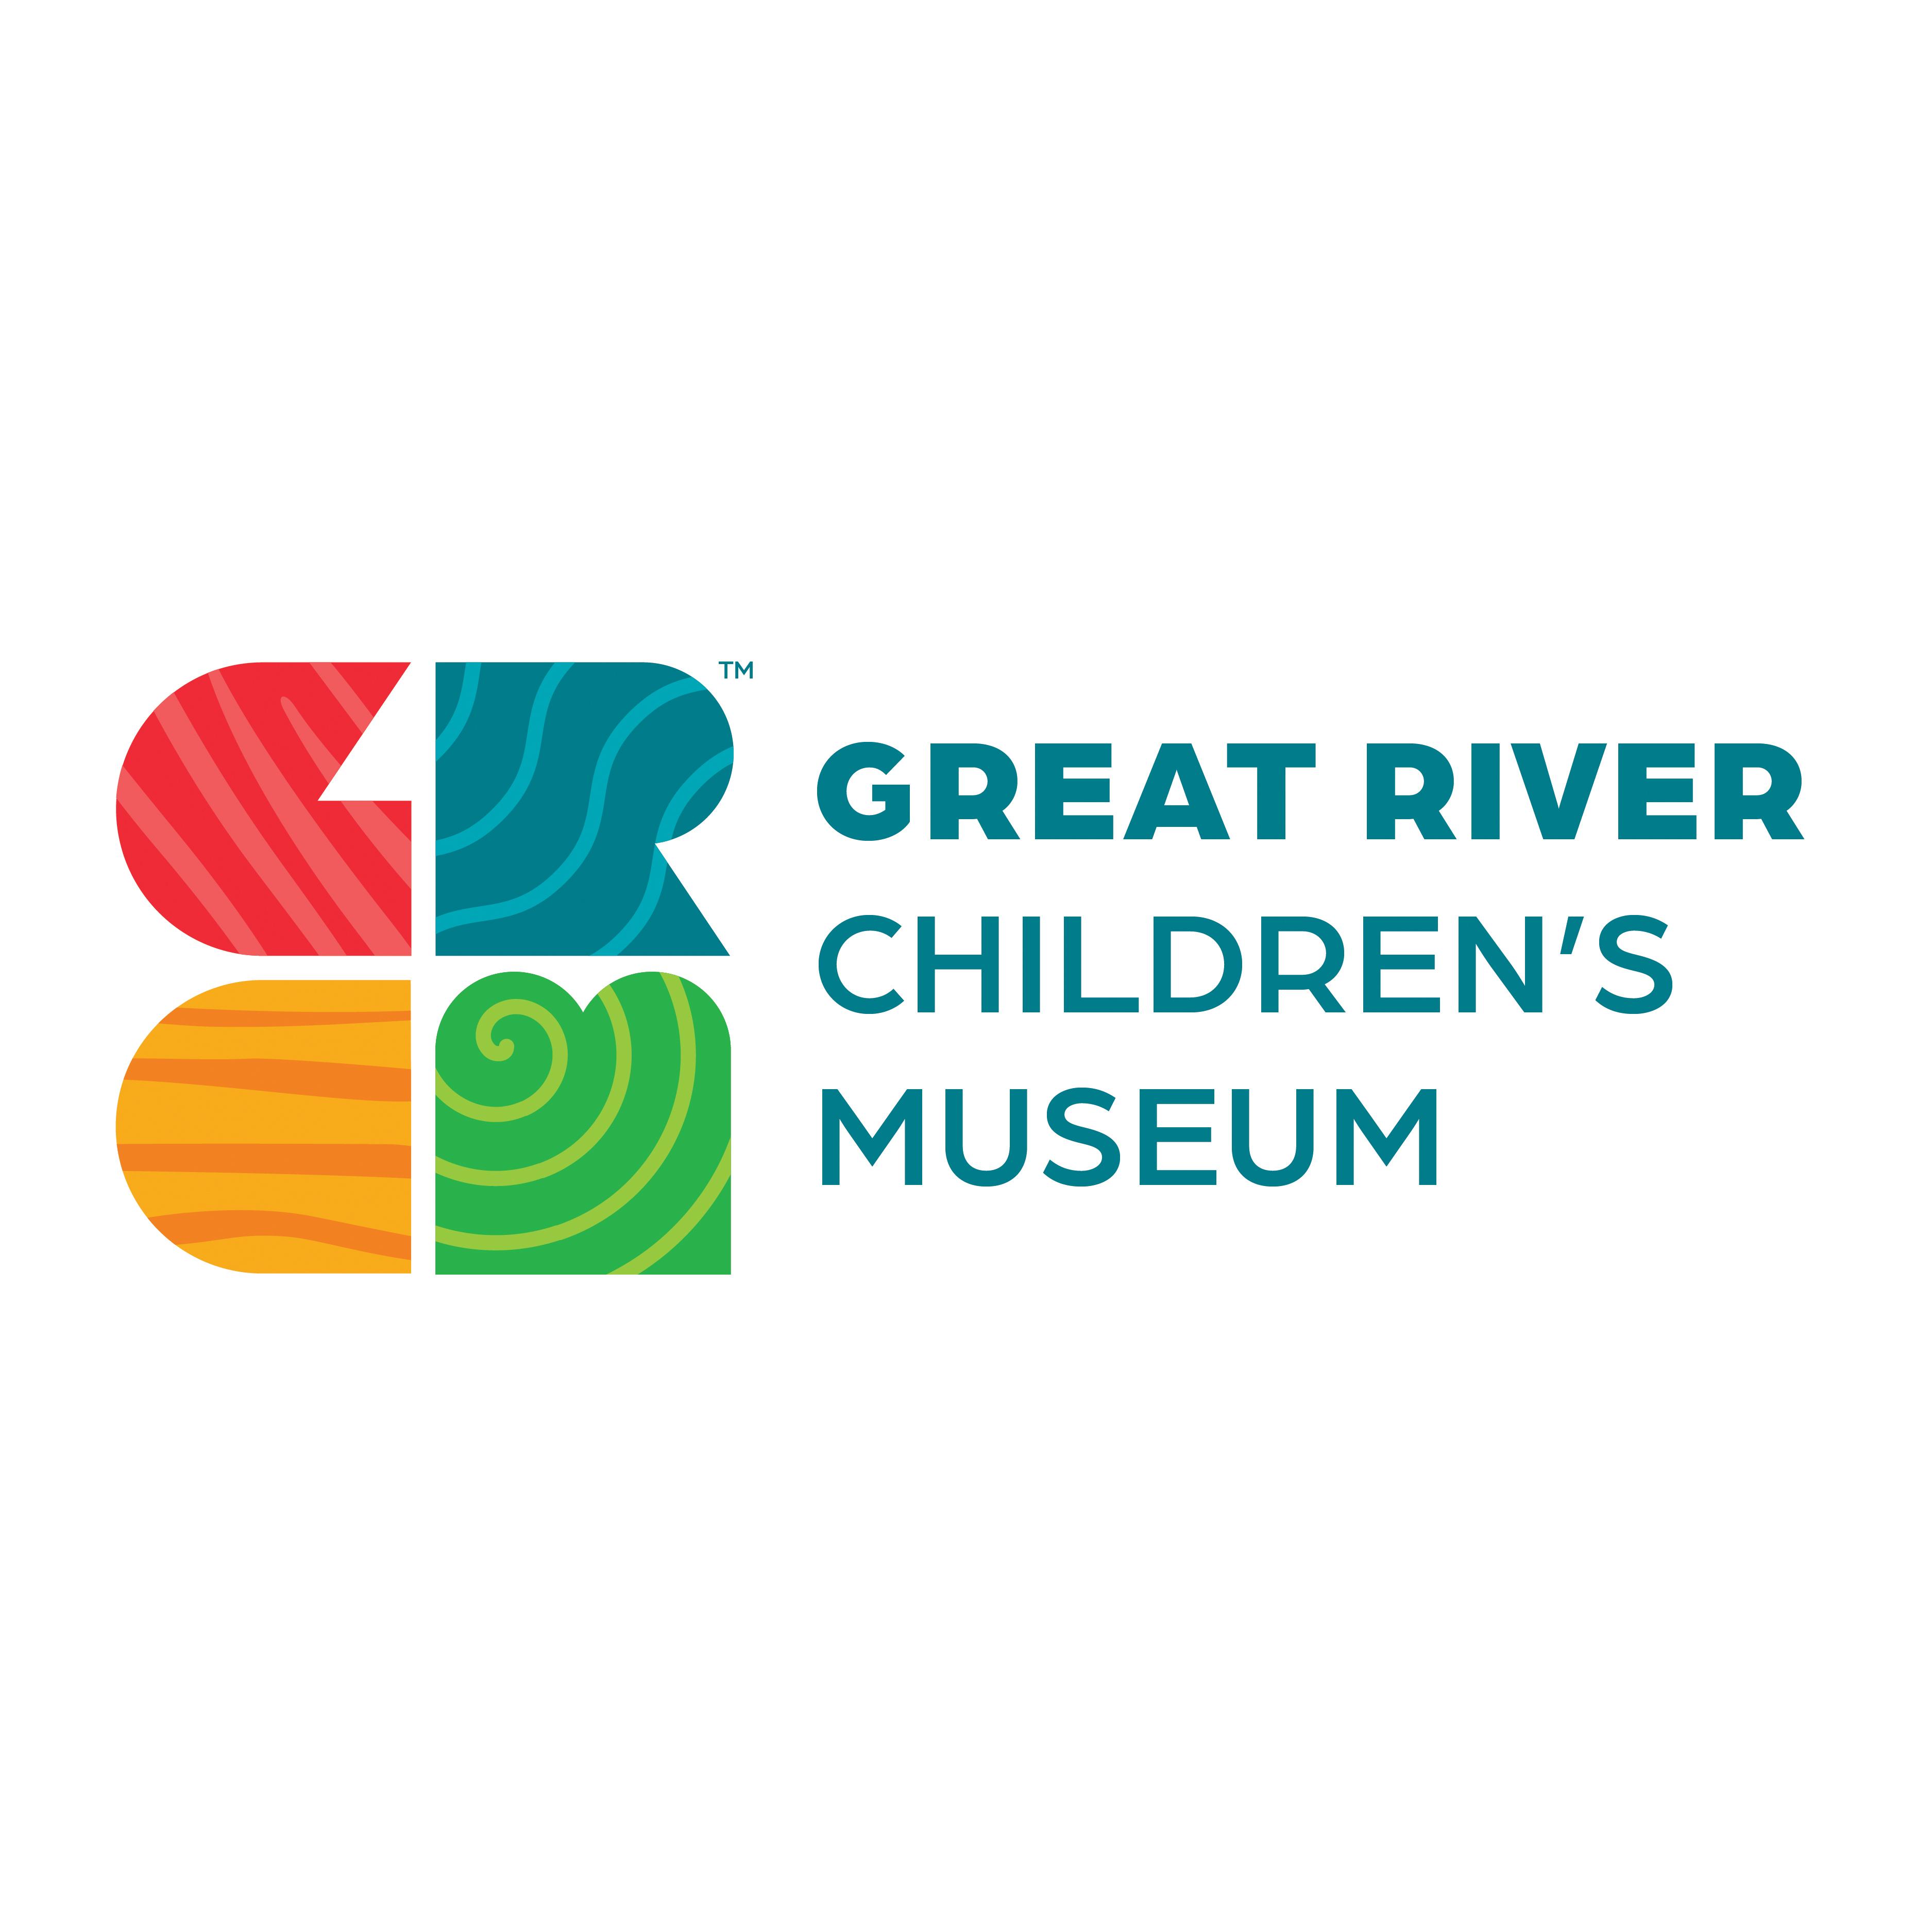 Great River Children's Museum